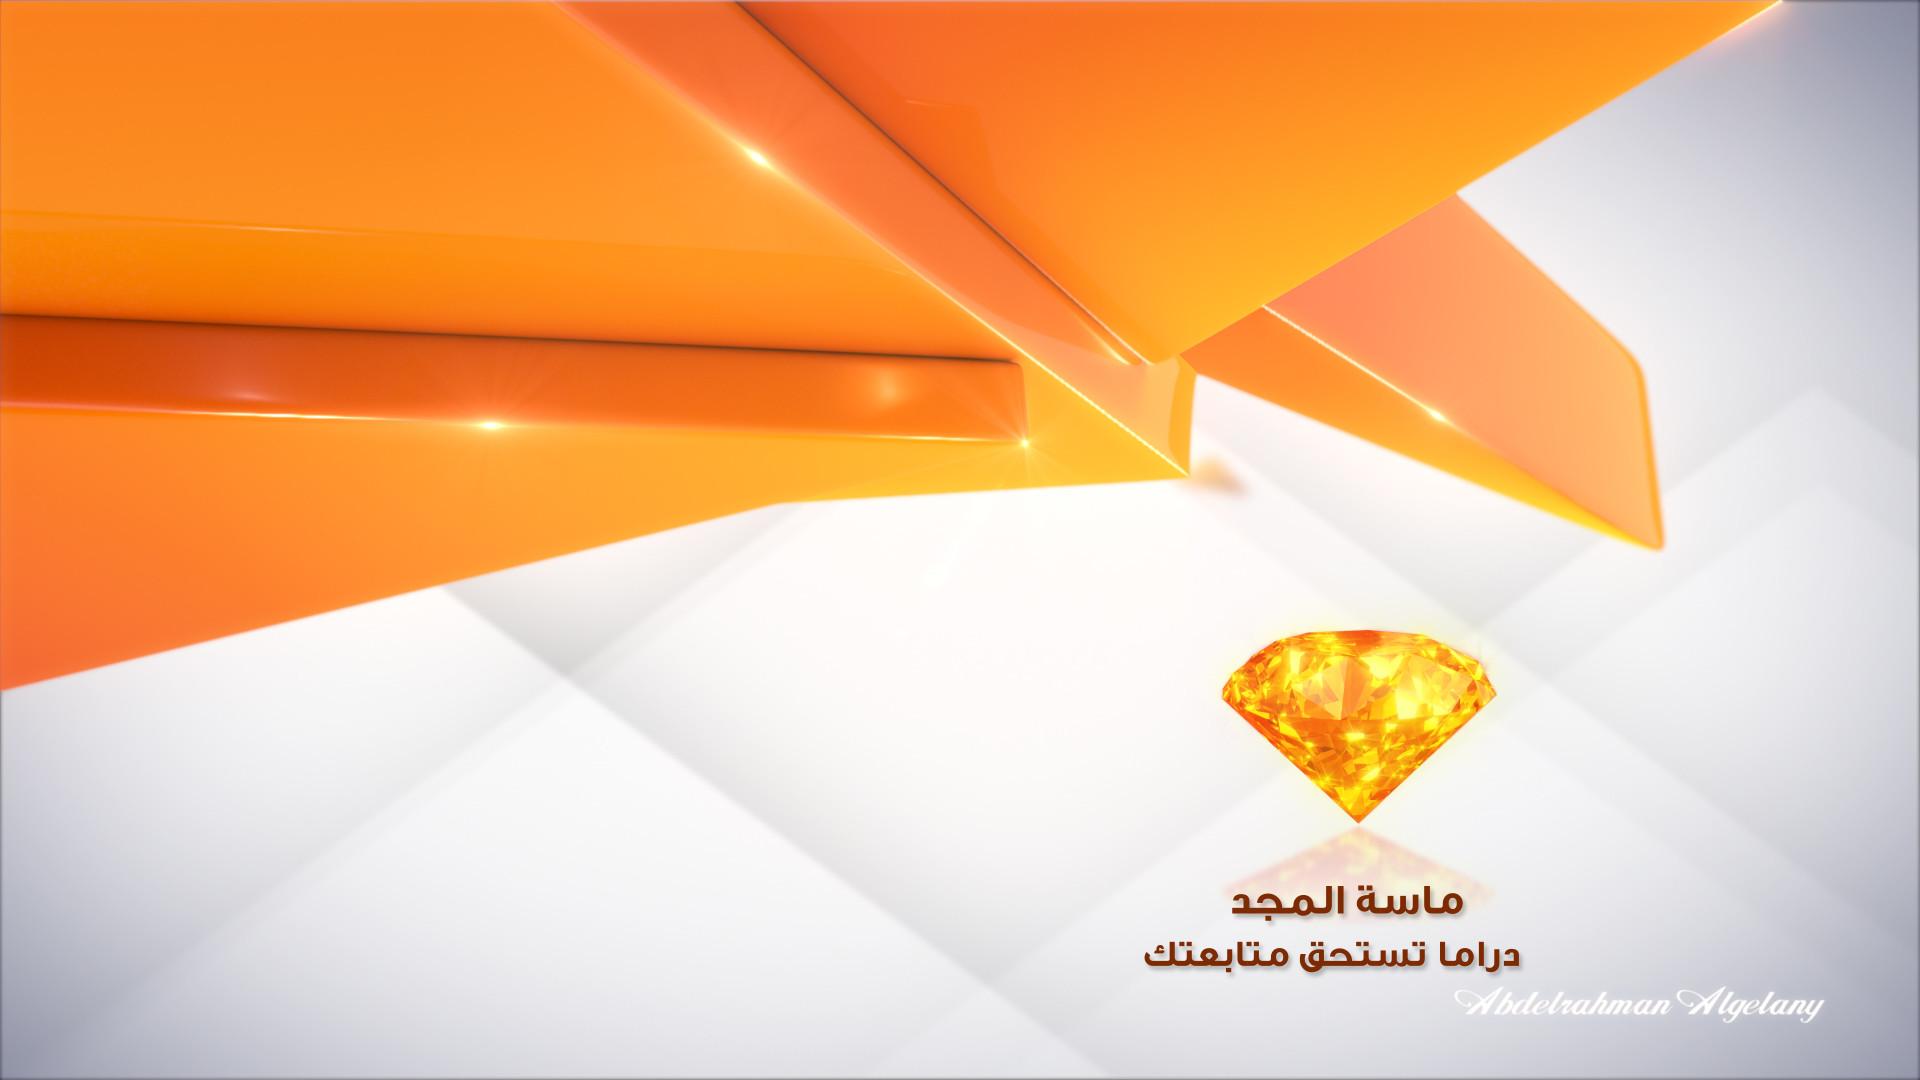 ArtStation - Masat Al-Majd TV Channel - Channel Break - 03 ...